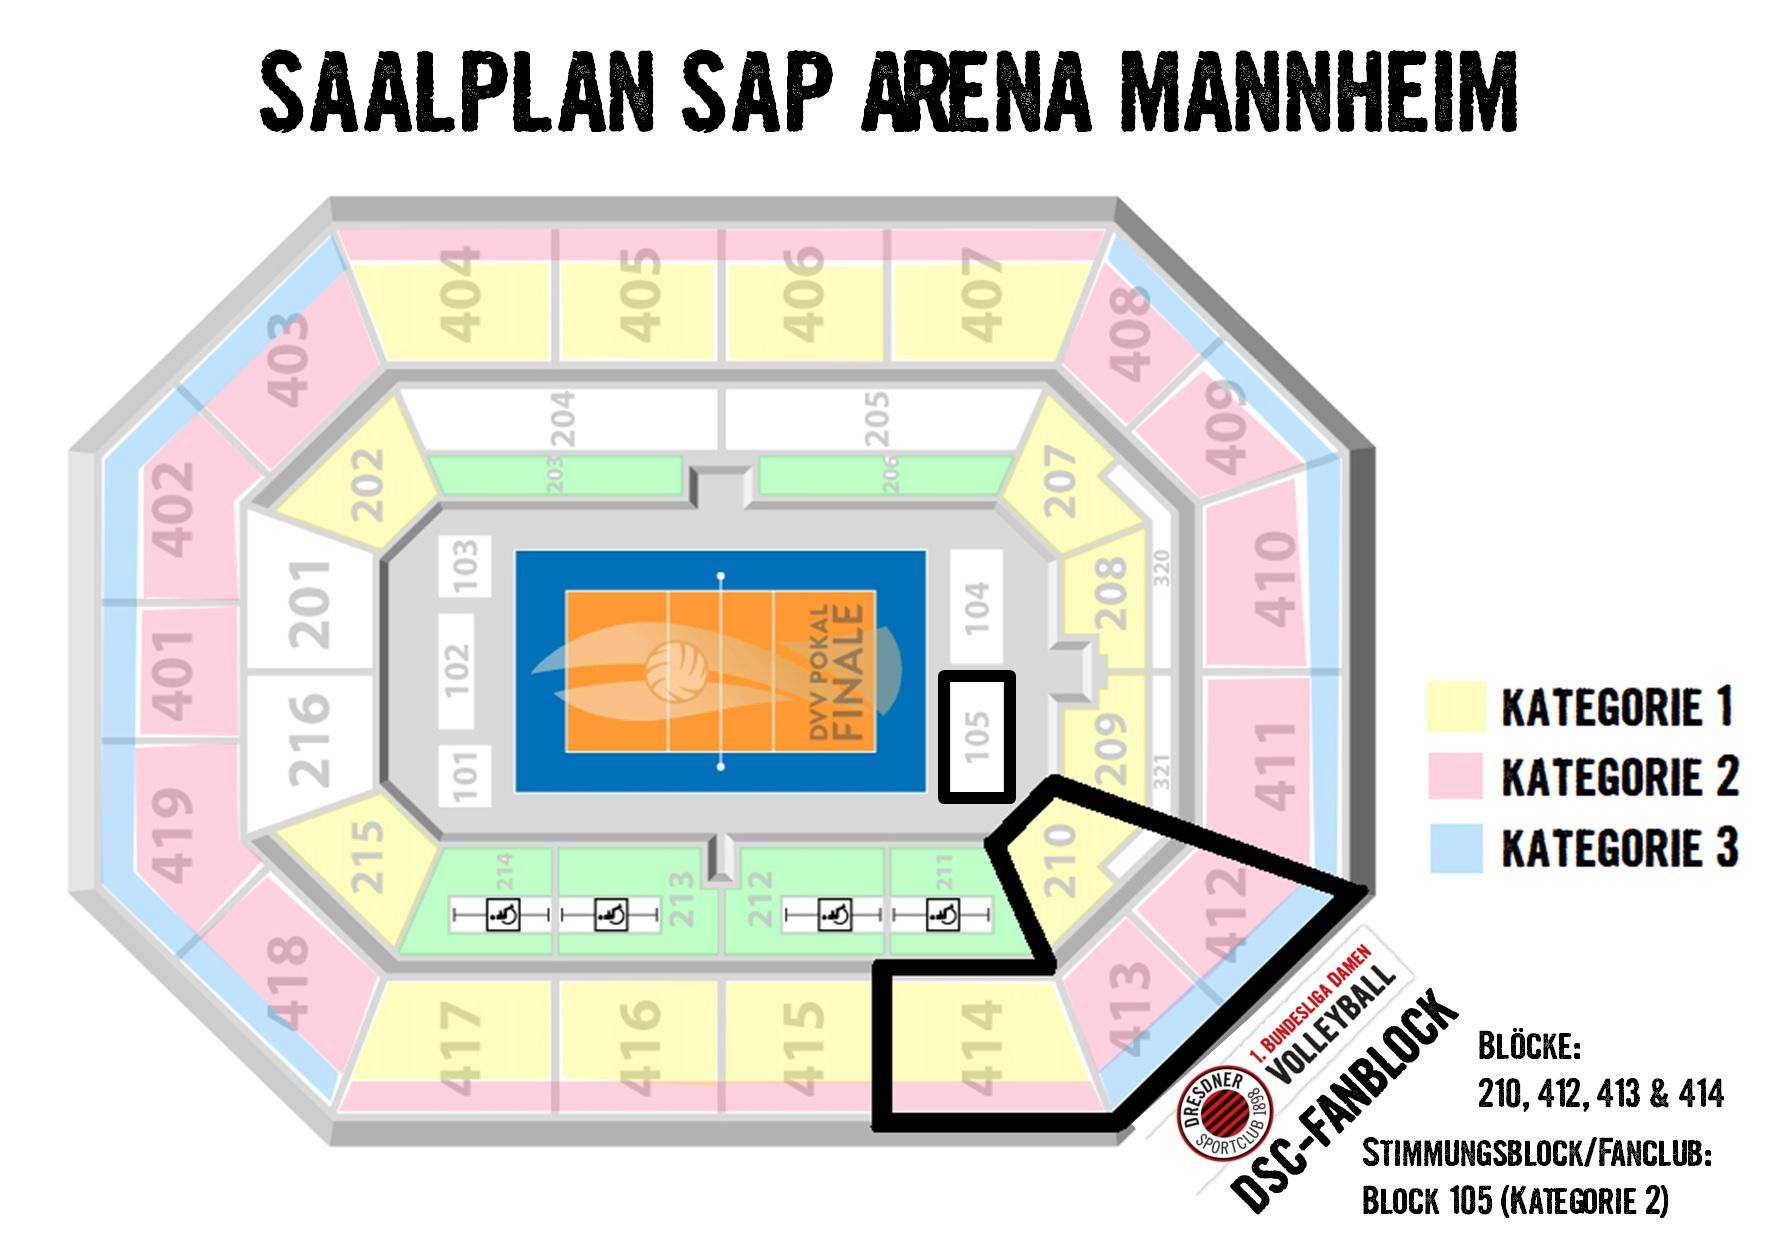 Saalplan der SAP Arena Mannheim mit DSC-Fanblock